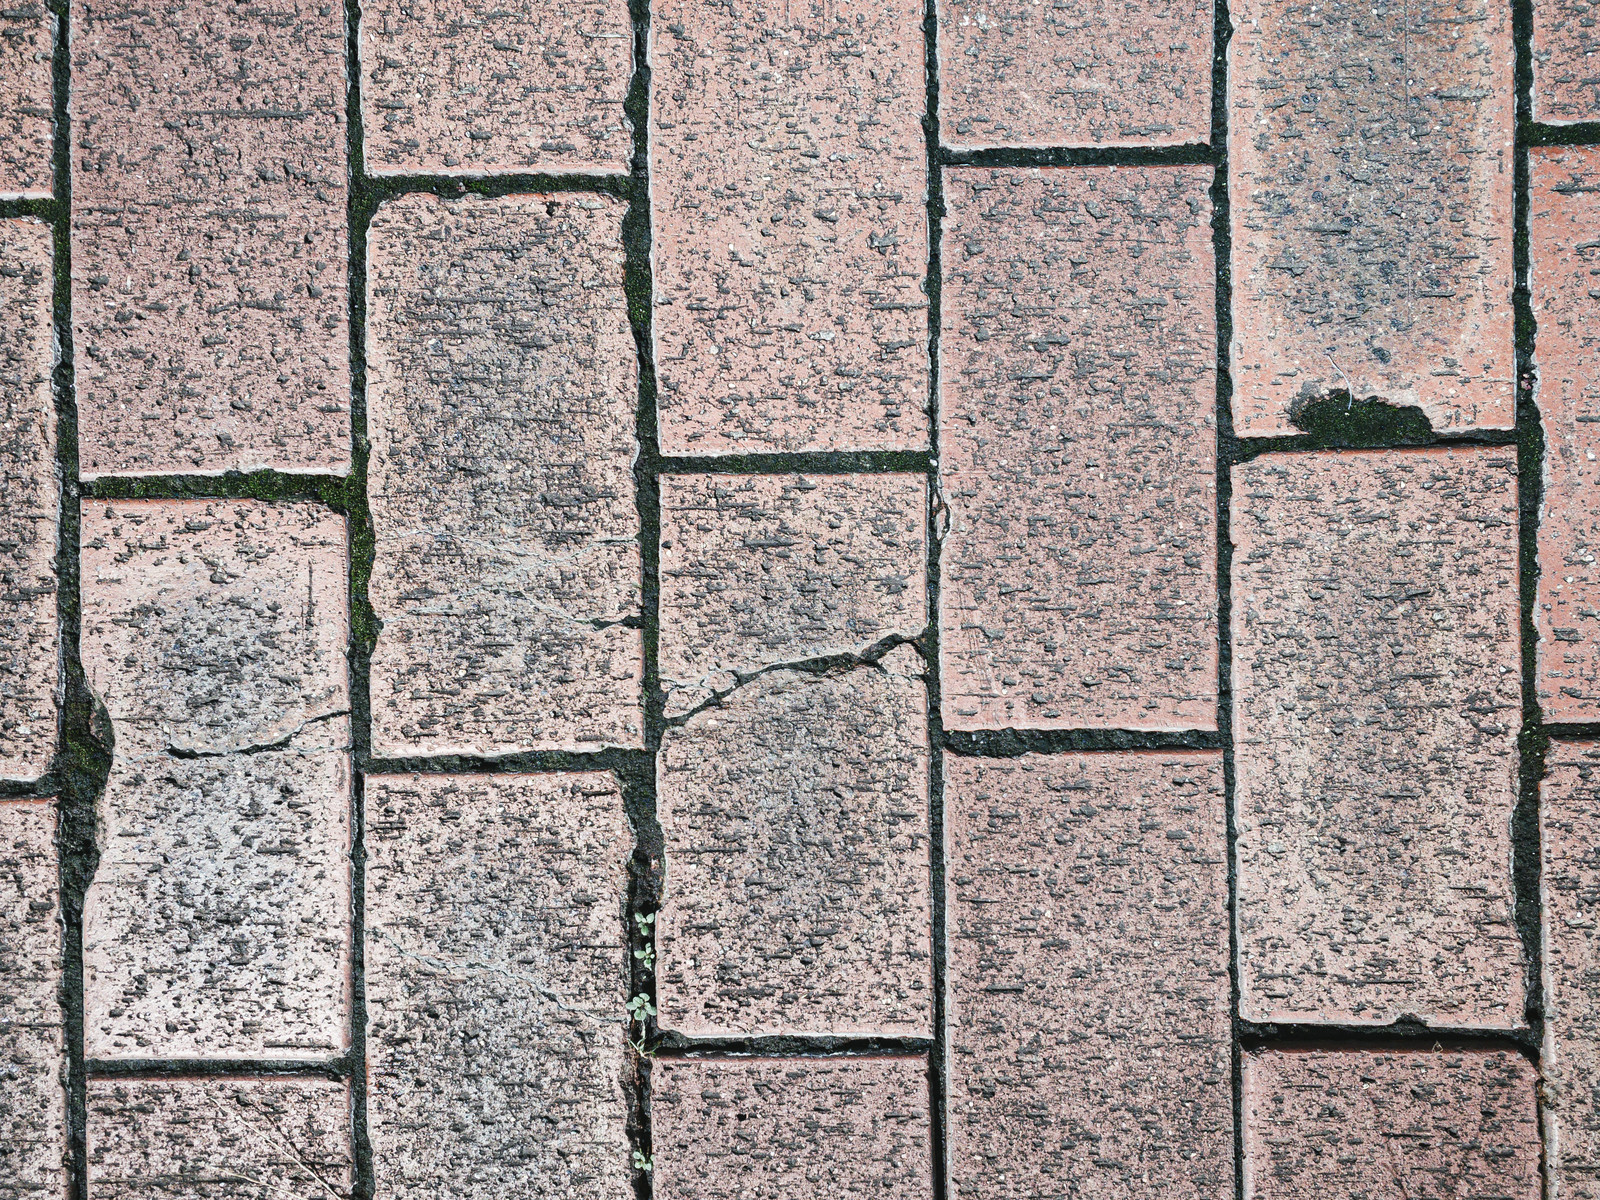 「溝に入り込んだ土が踏み固められたレンガ(テクスチャ)」の写真